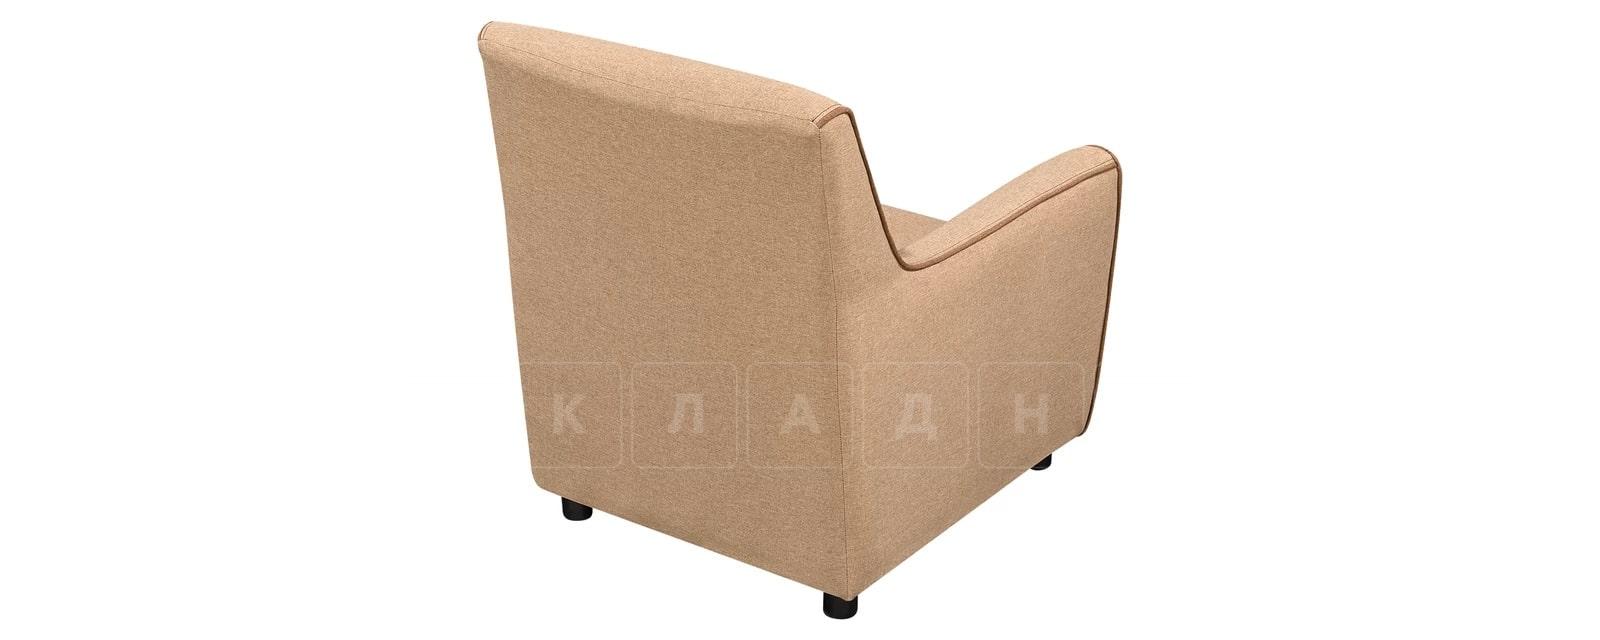 Кресло Флэтфорд рогожка бежевая с коричневым кантом фото 3 | интернет-магазин Складно